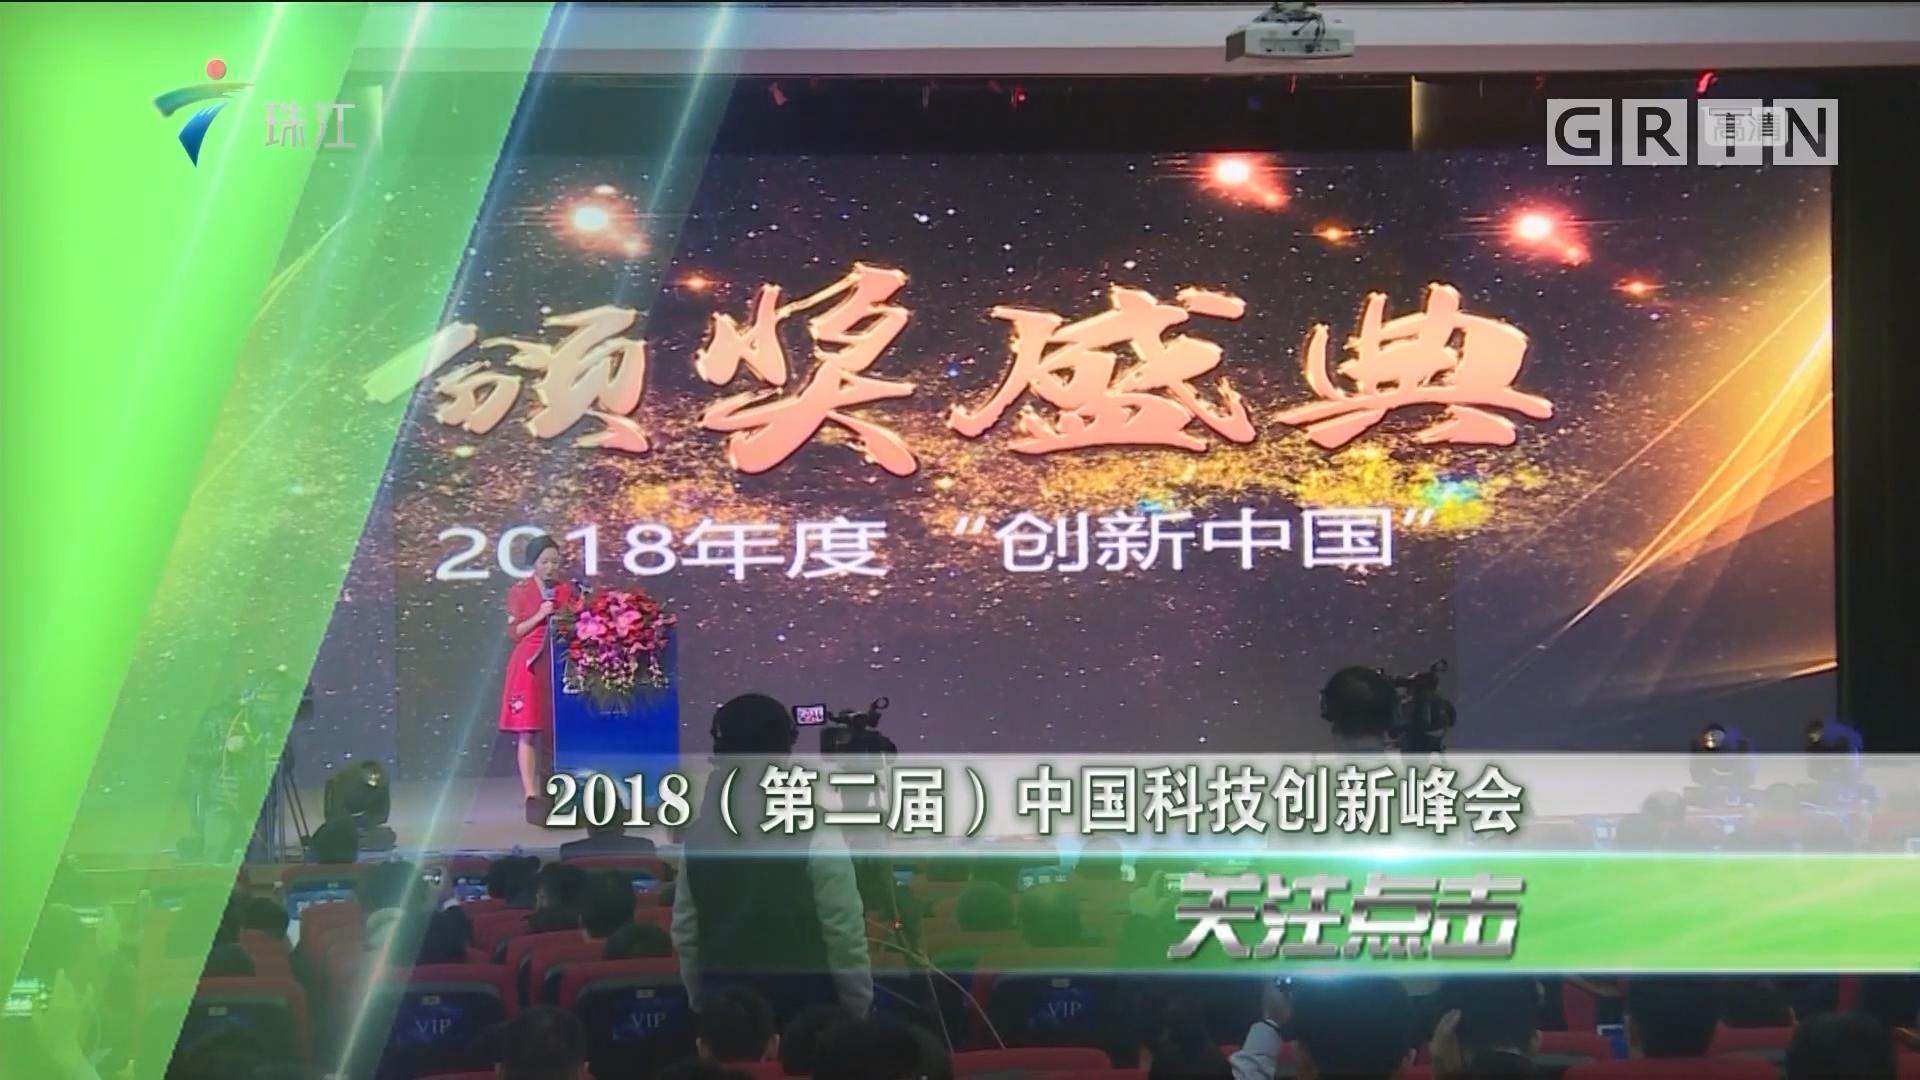 2018(第二届)中国科技创新峰会